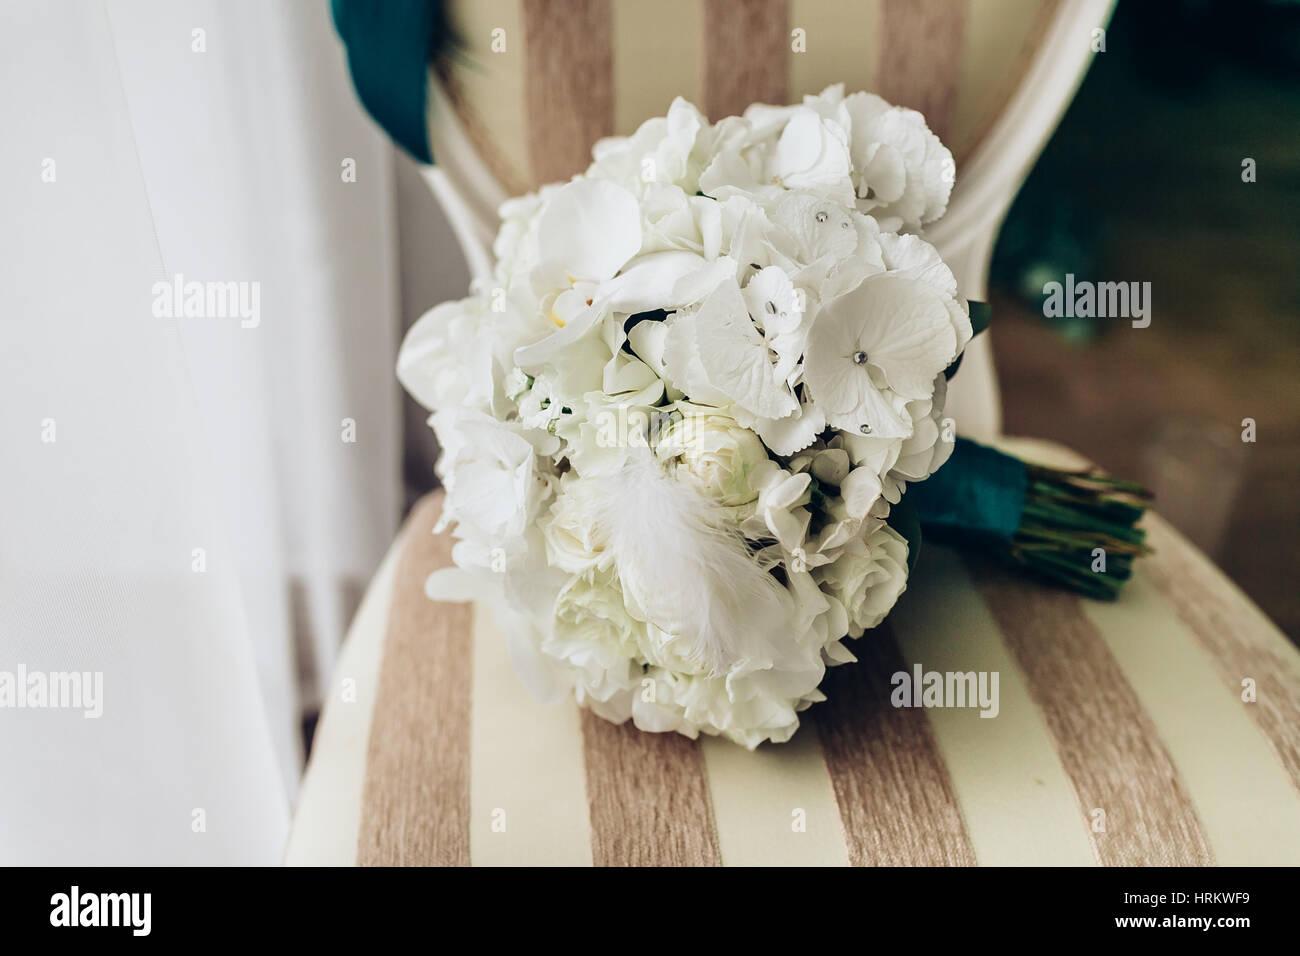 Brautstrauß Aus Weißen Rosen Auf Dem Stuhl Liegen Close Up